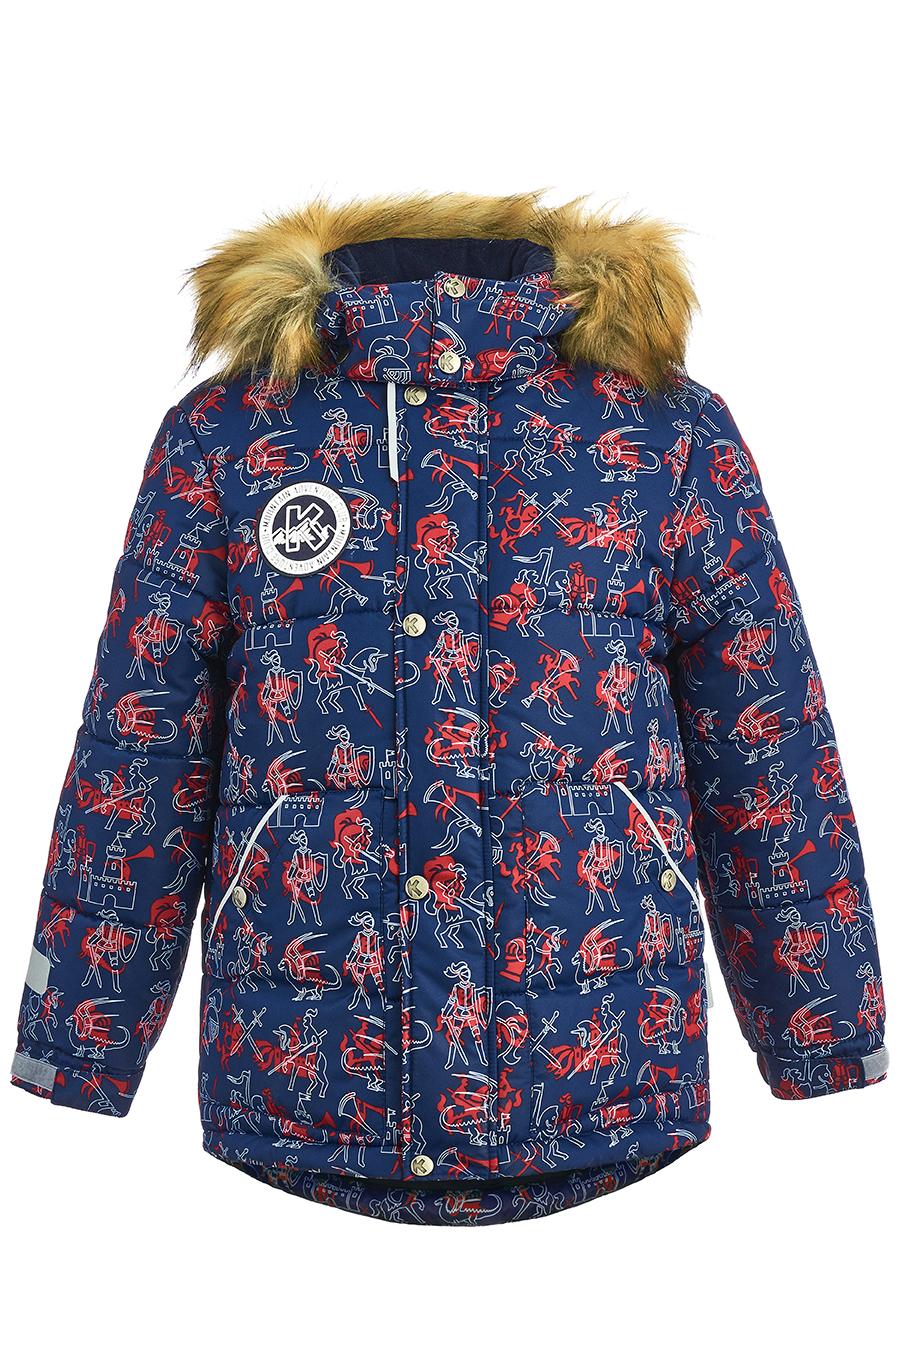 Фото #1: Куртка для мальчиков, отделка искусственный мех